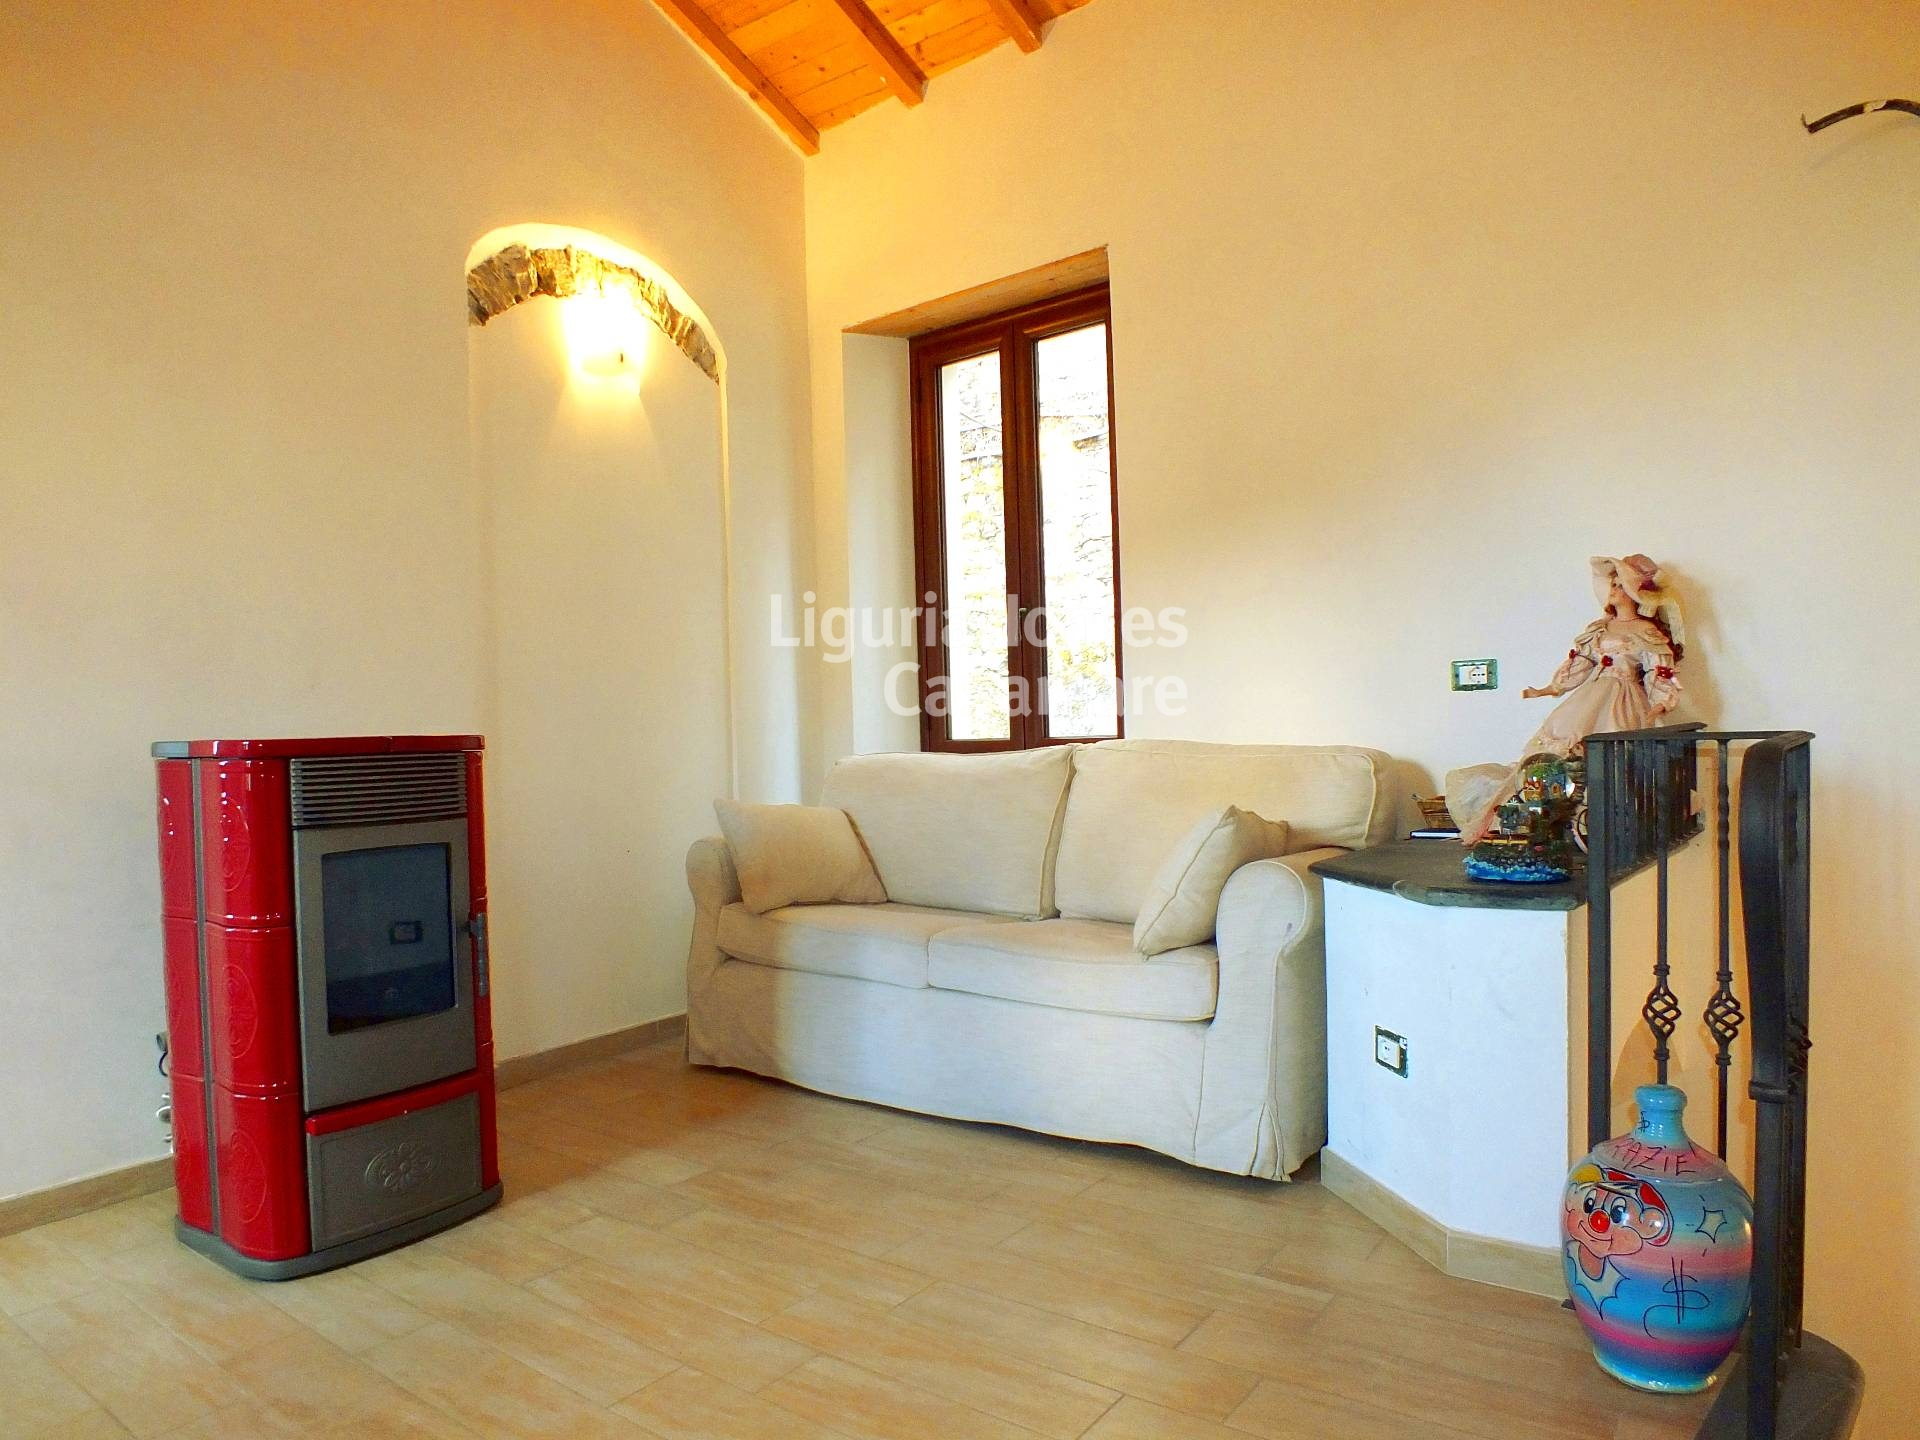 Appartamento in vendita a Pietrabruna, 4 locali, prezzo € 150.000 | Cambio Casa.it